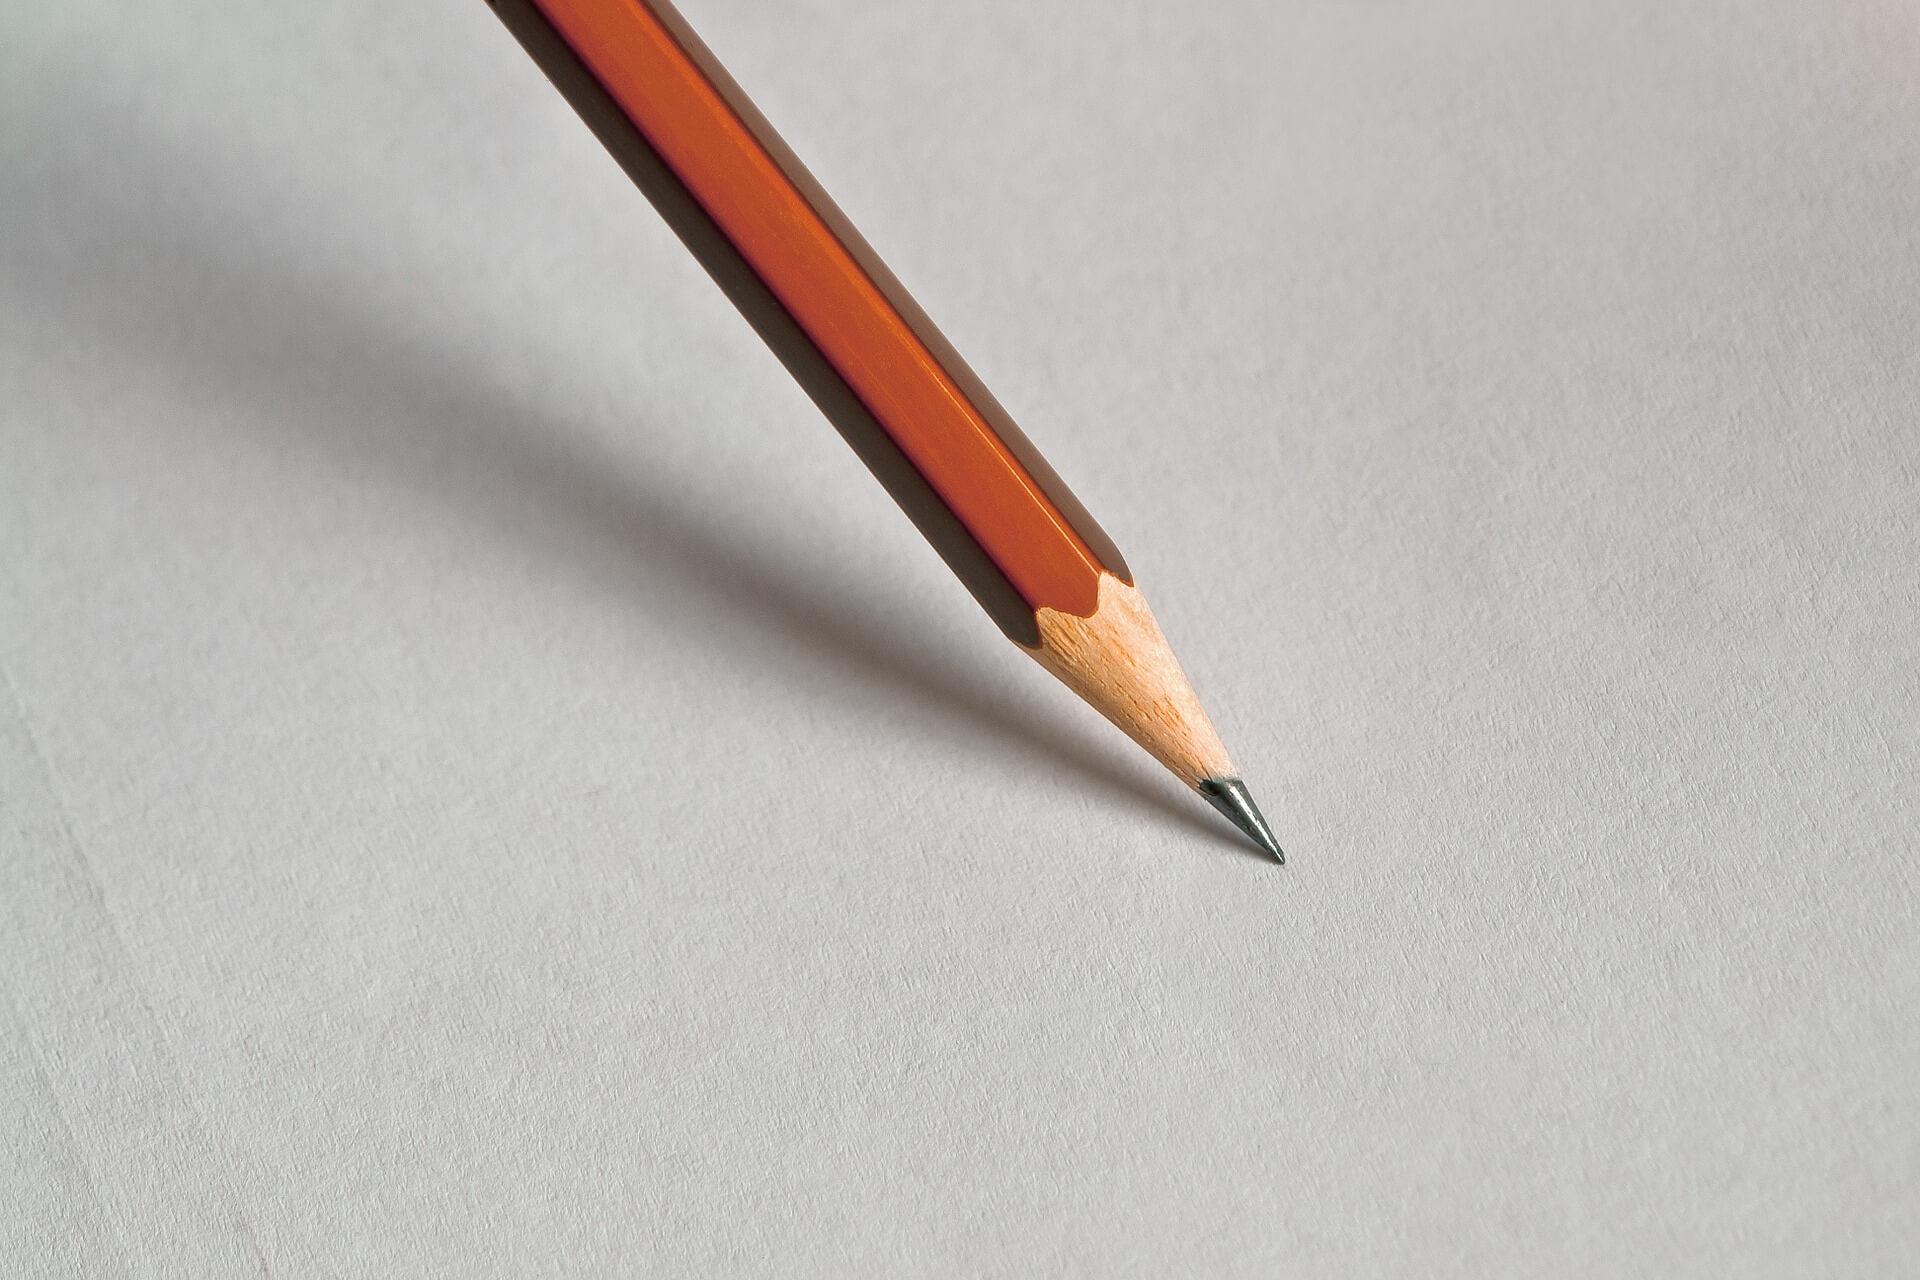 企画書つくり方、見せ方の技術、書評6